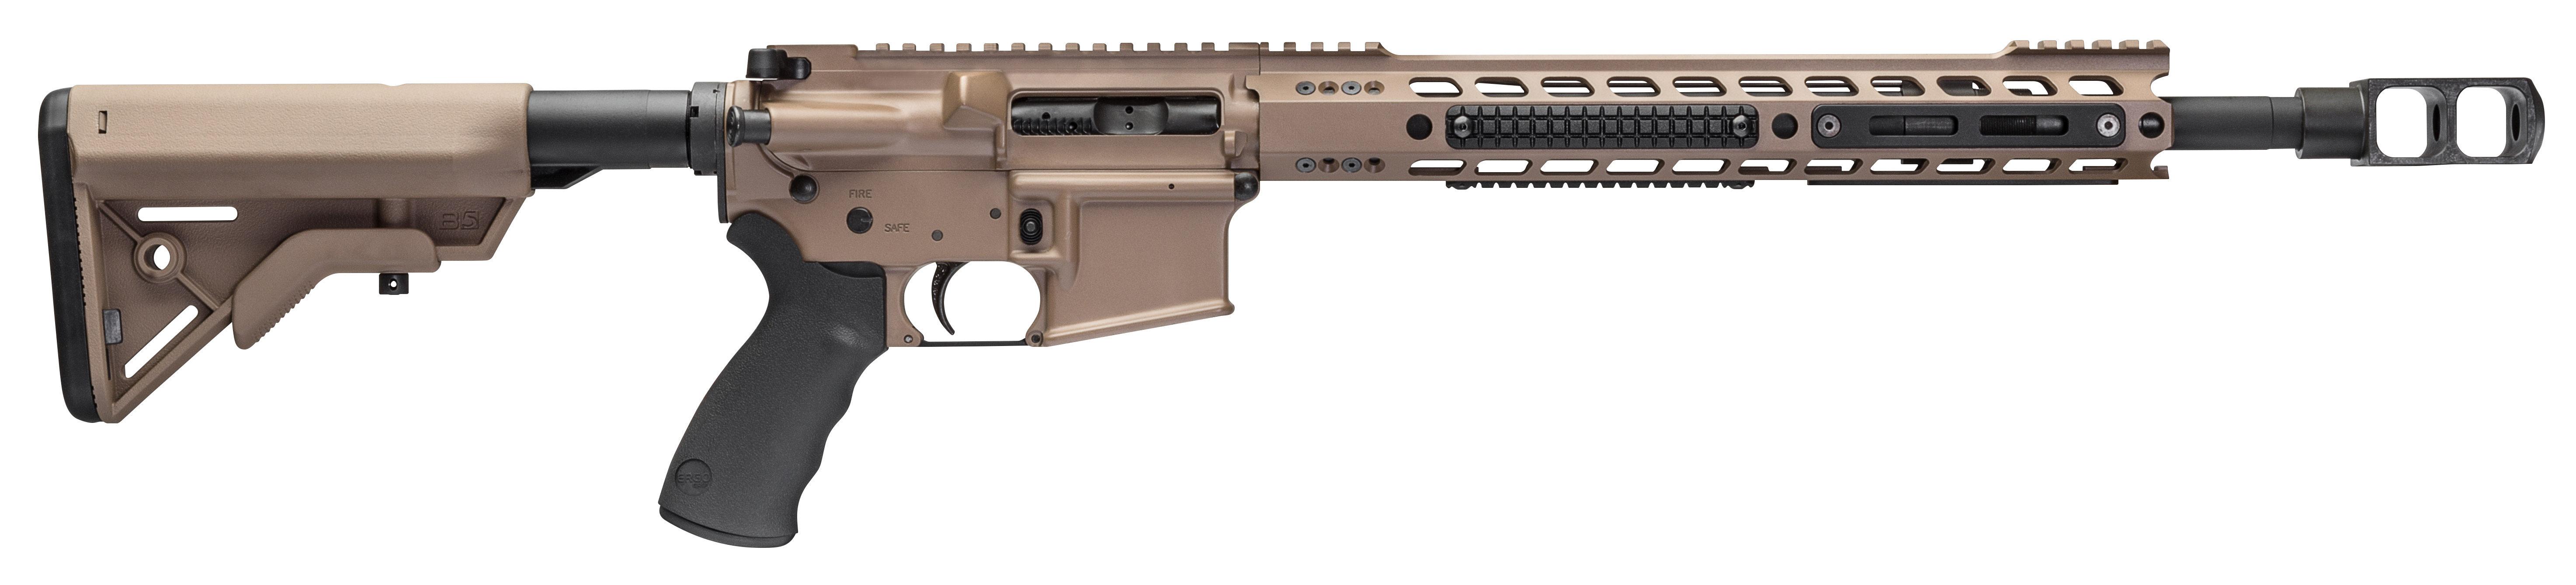 Monster Guns Range 365